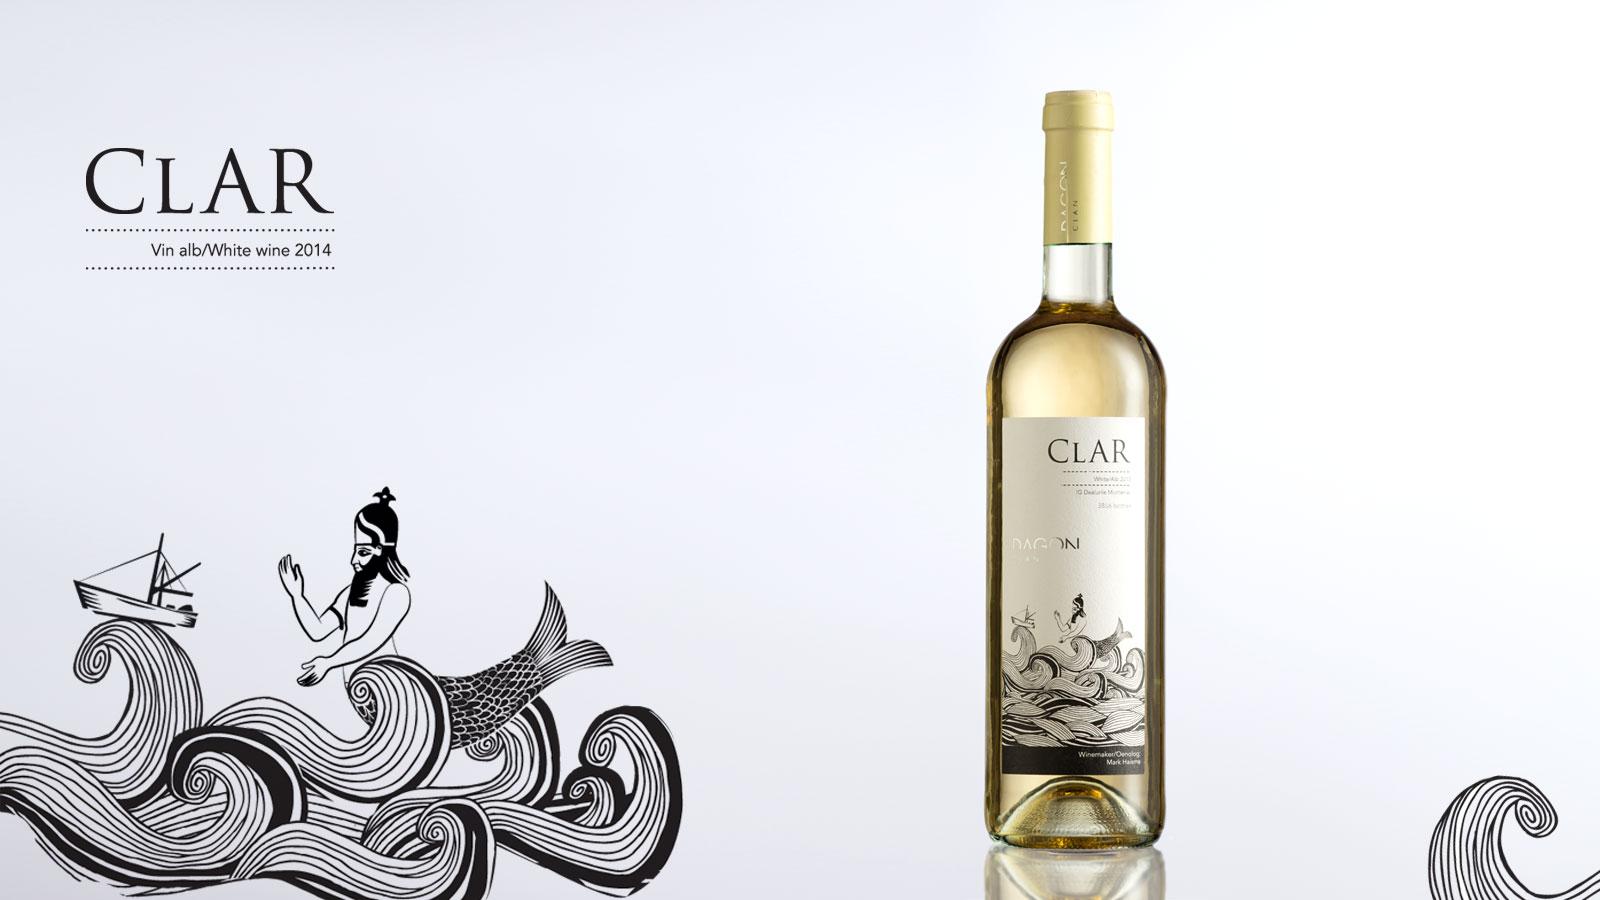 Sticla de vin Clar